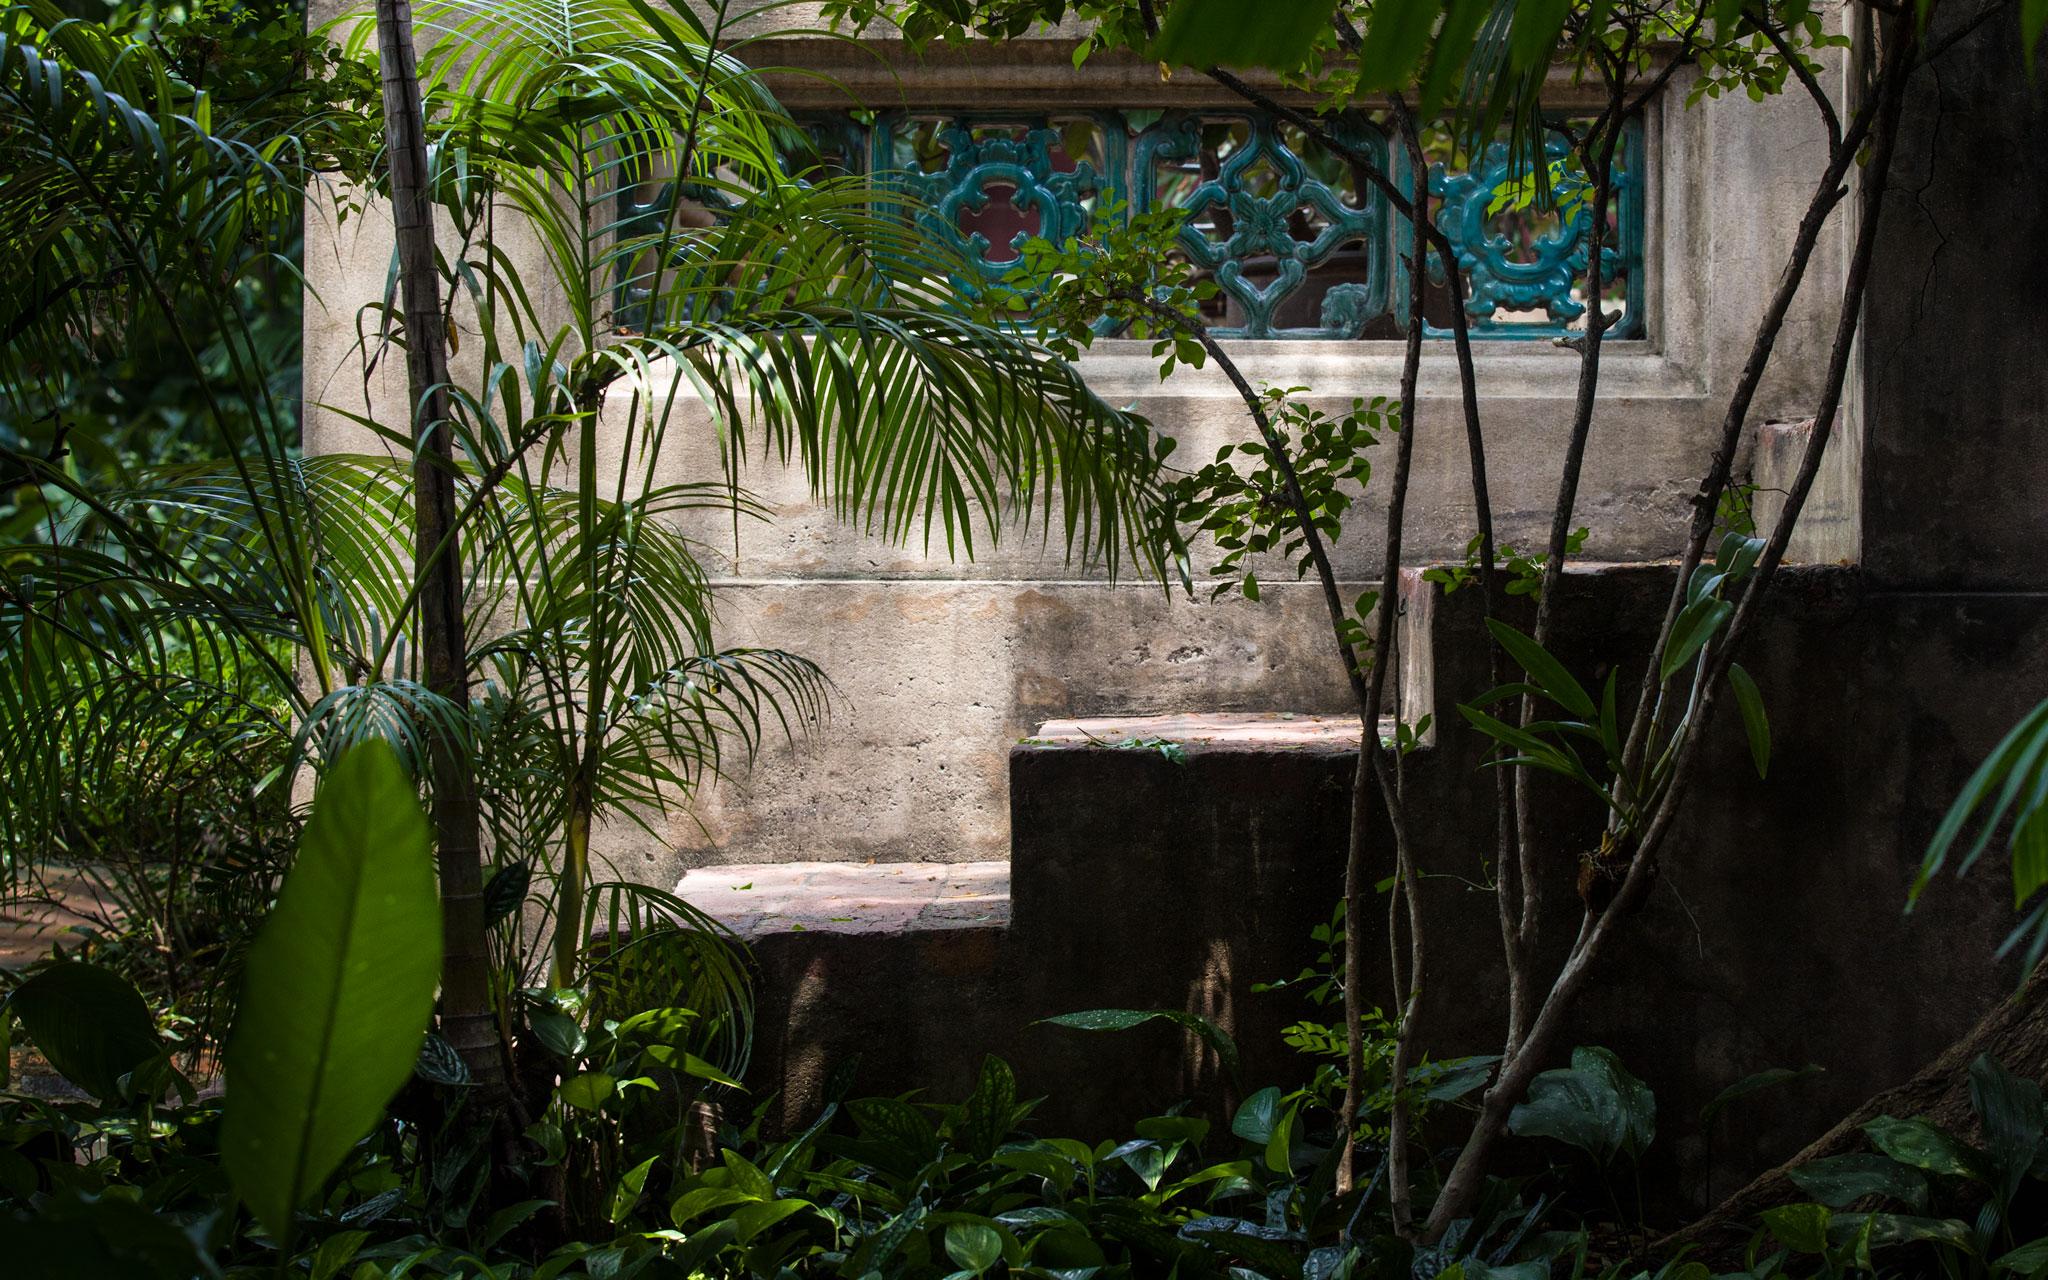 Thailand-9267_20x32Gallery.jpg